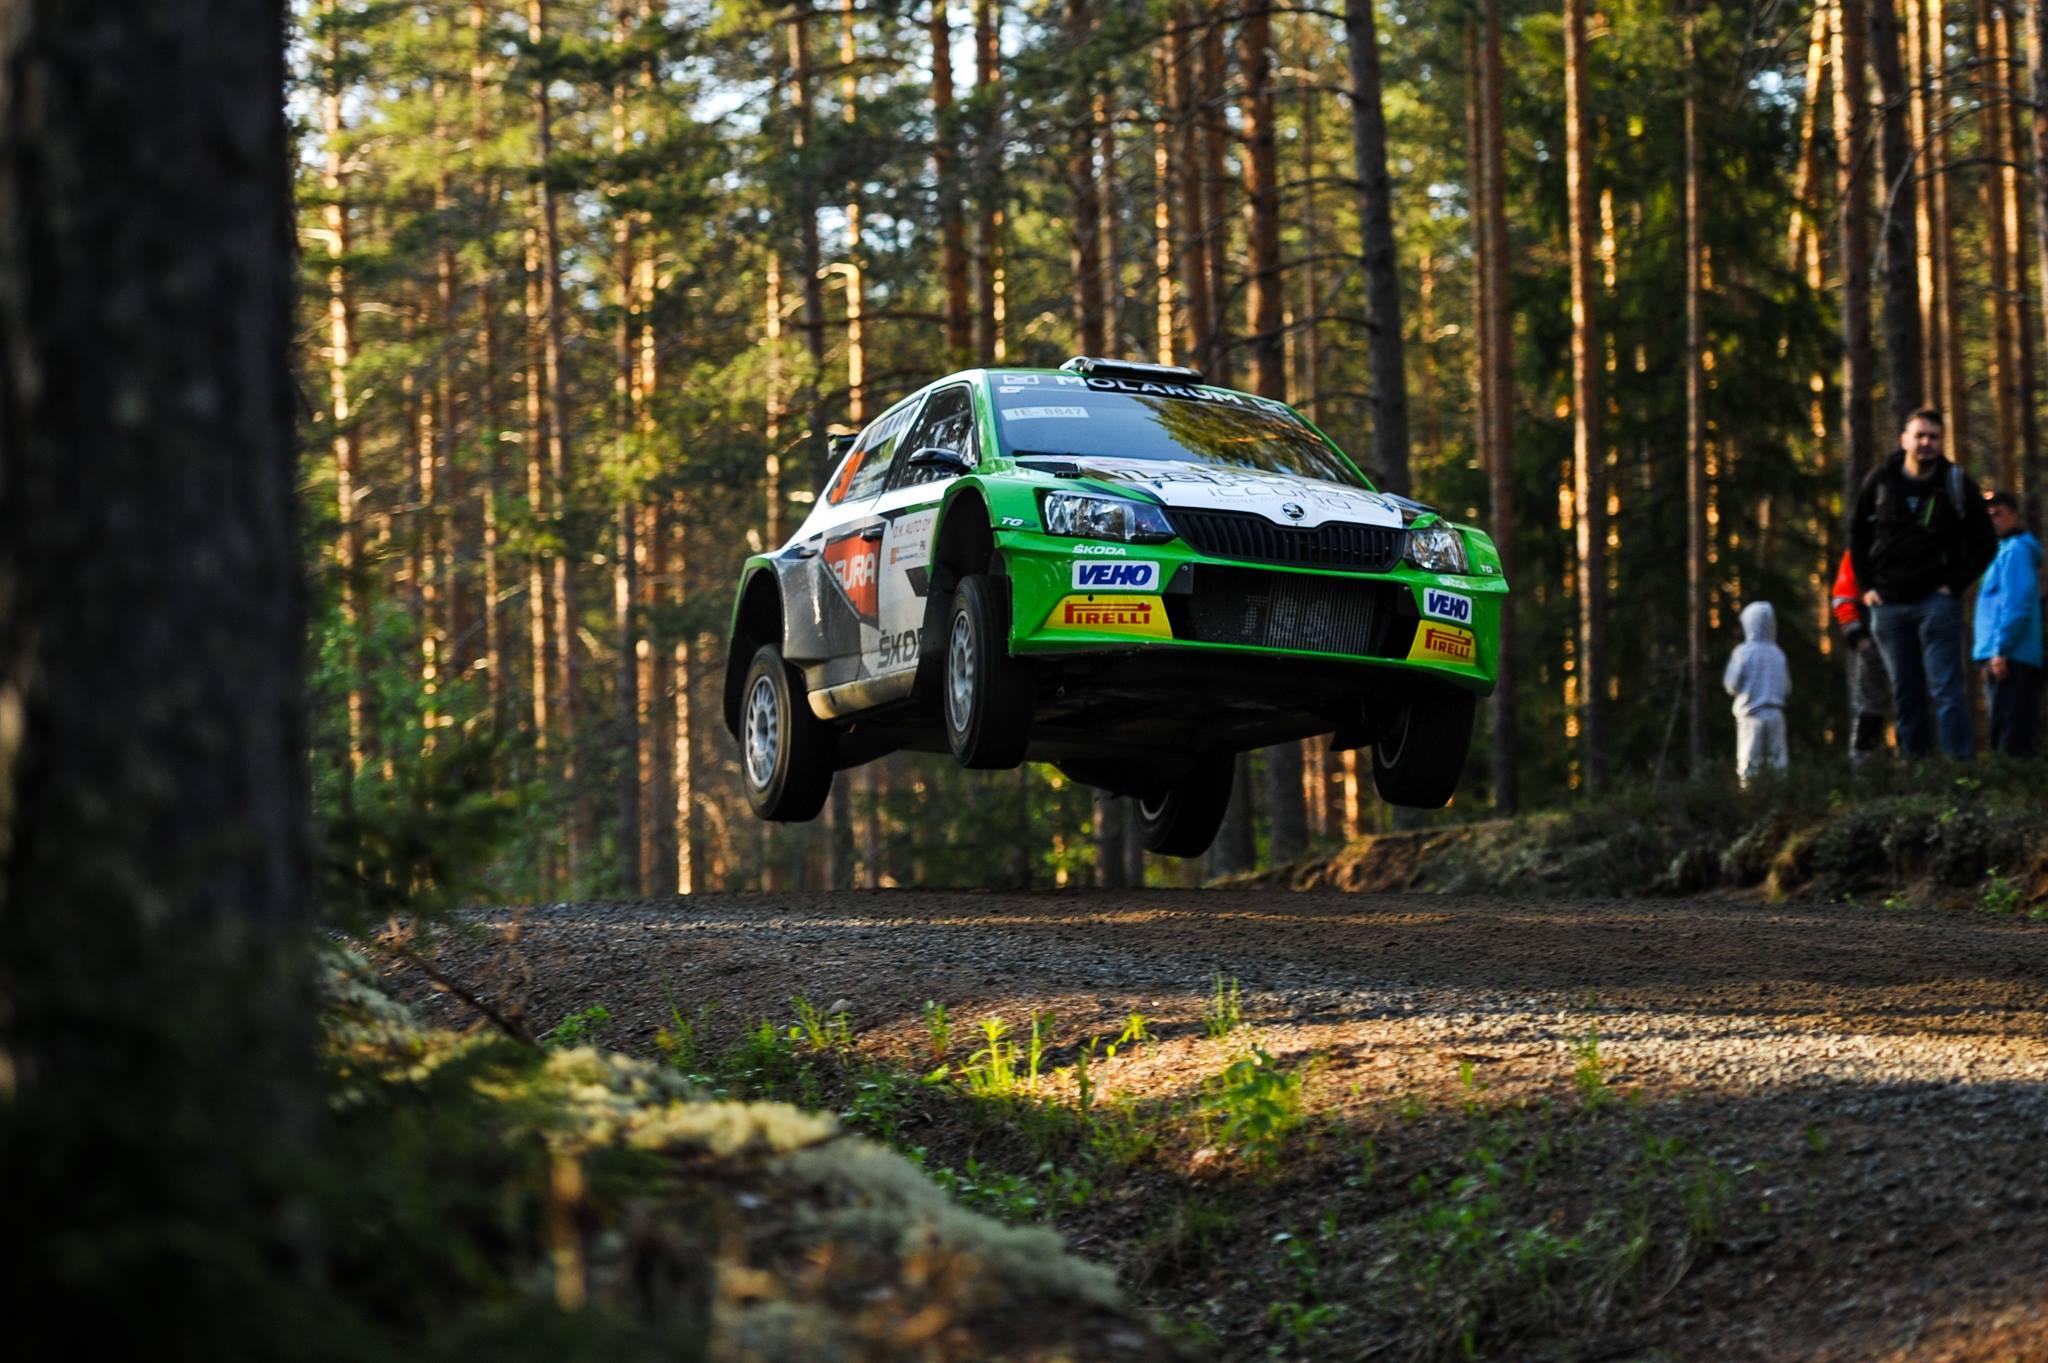 fb/Eerik Pietarinen  |  Na zdjęciu obecny Mistrz Finlandii - Eerik Pietarinen